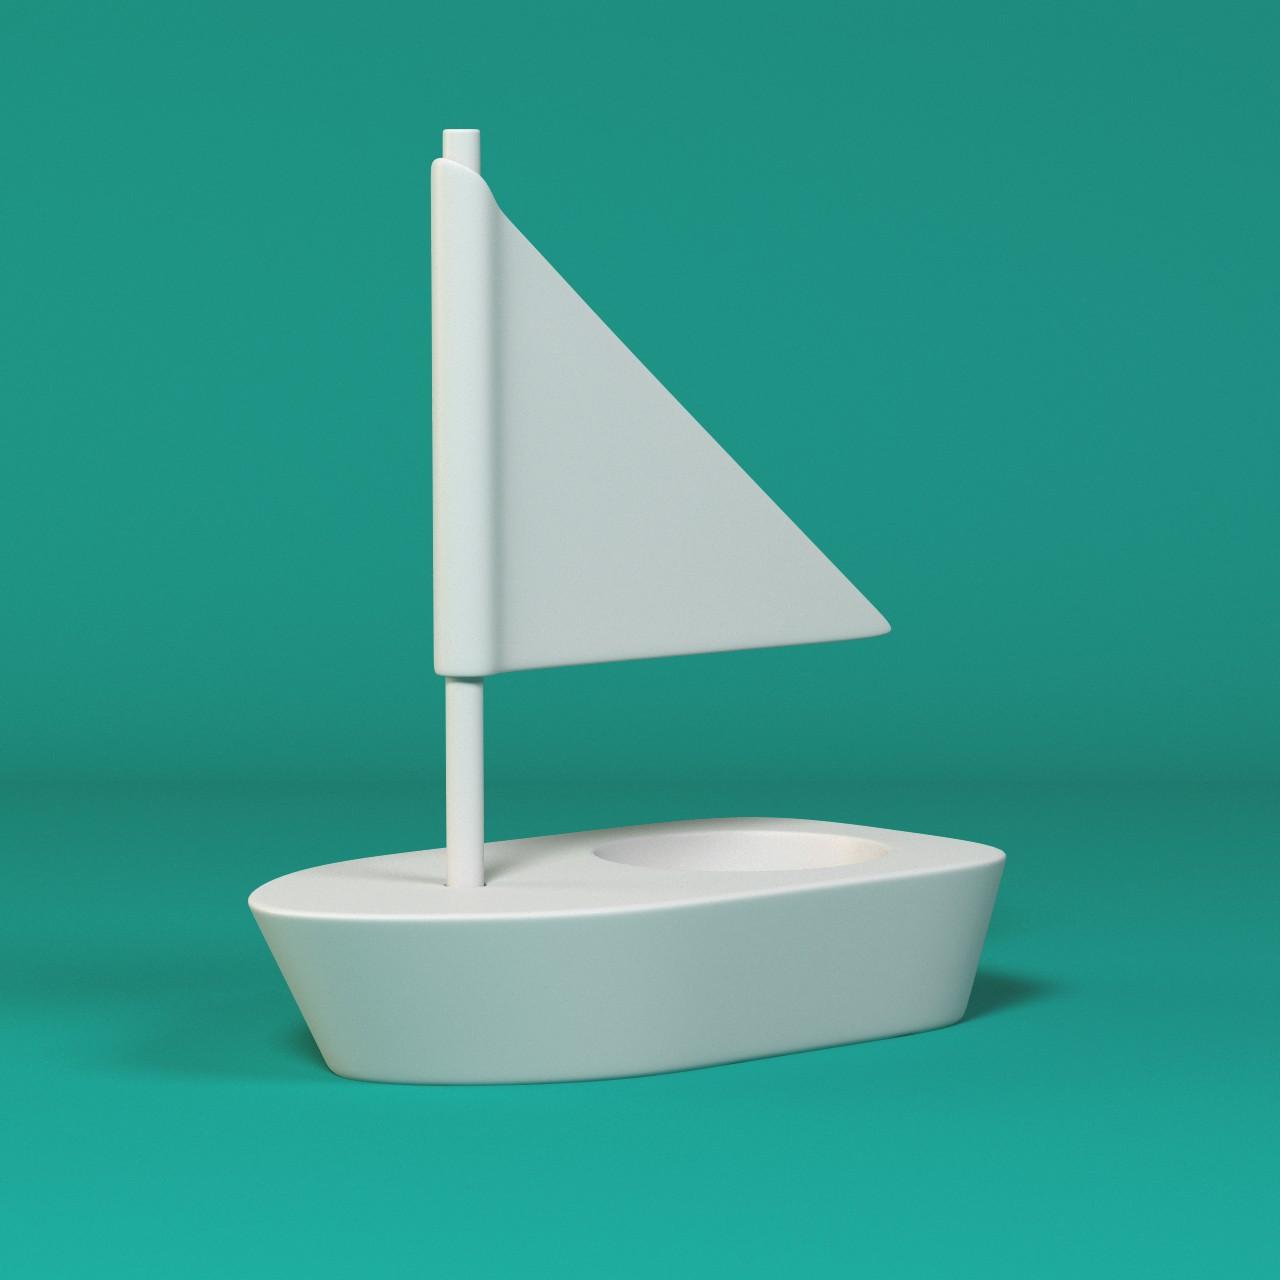 boat_v1_1.jpg